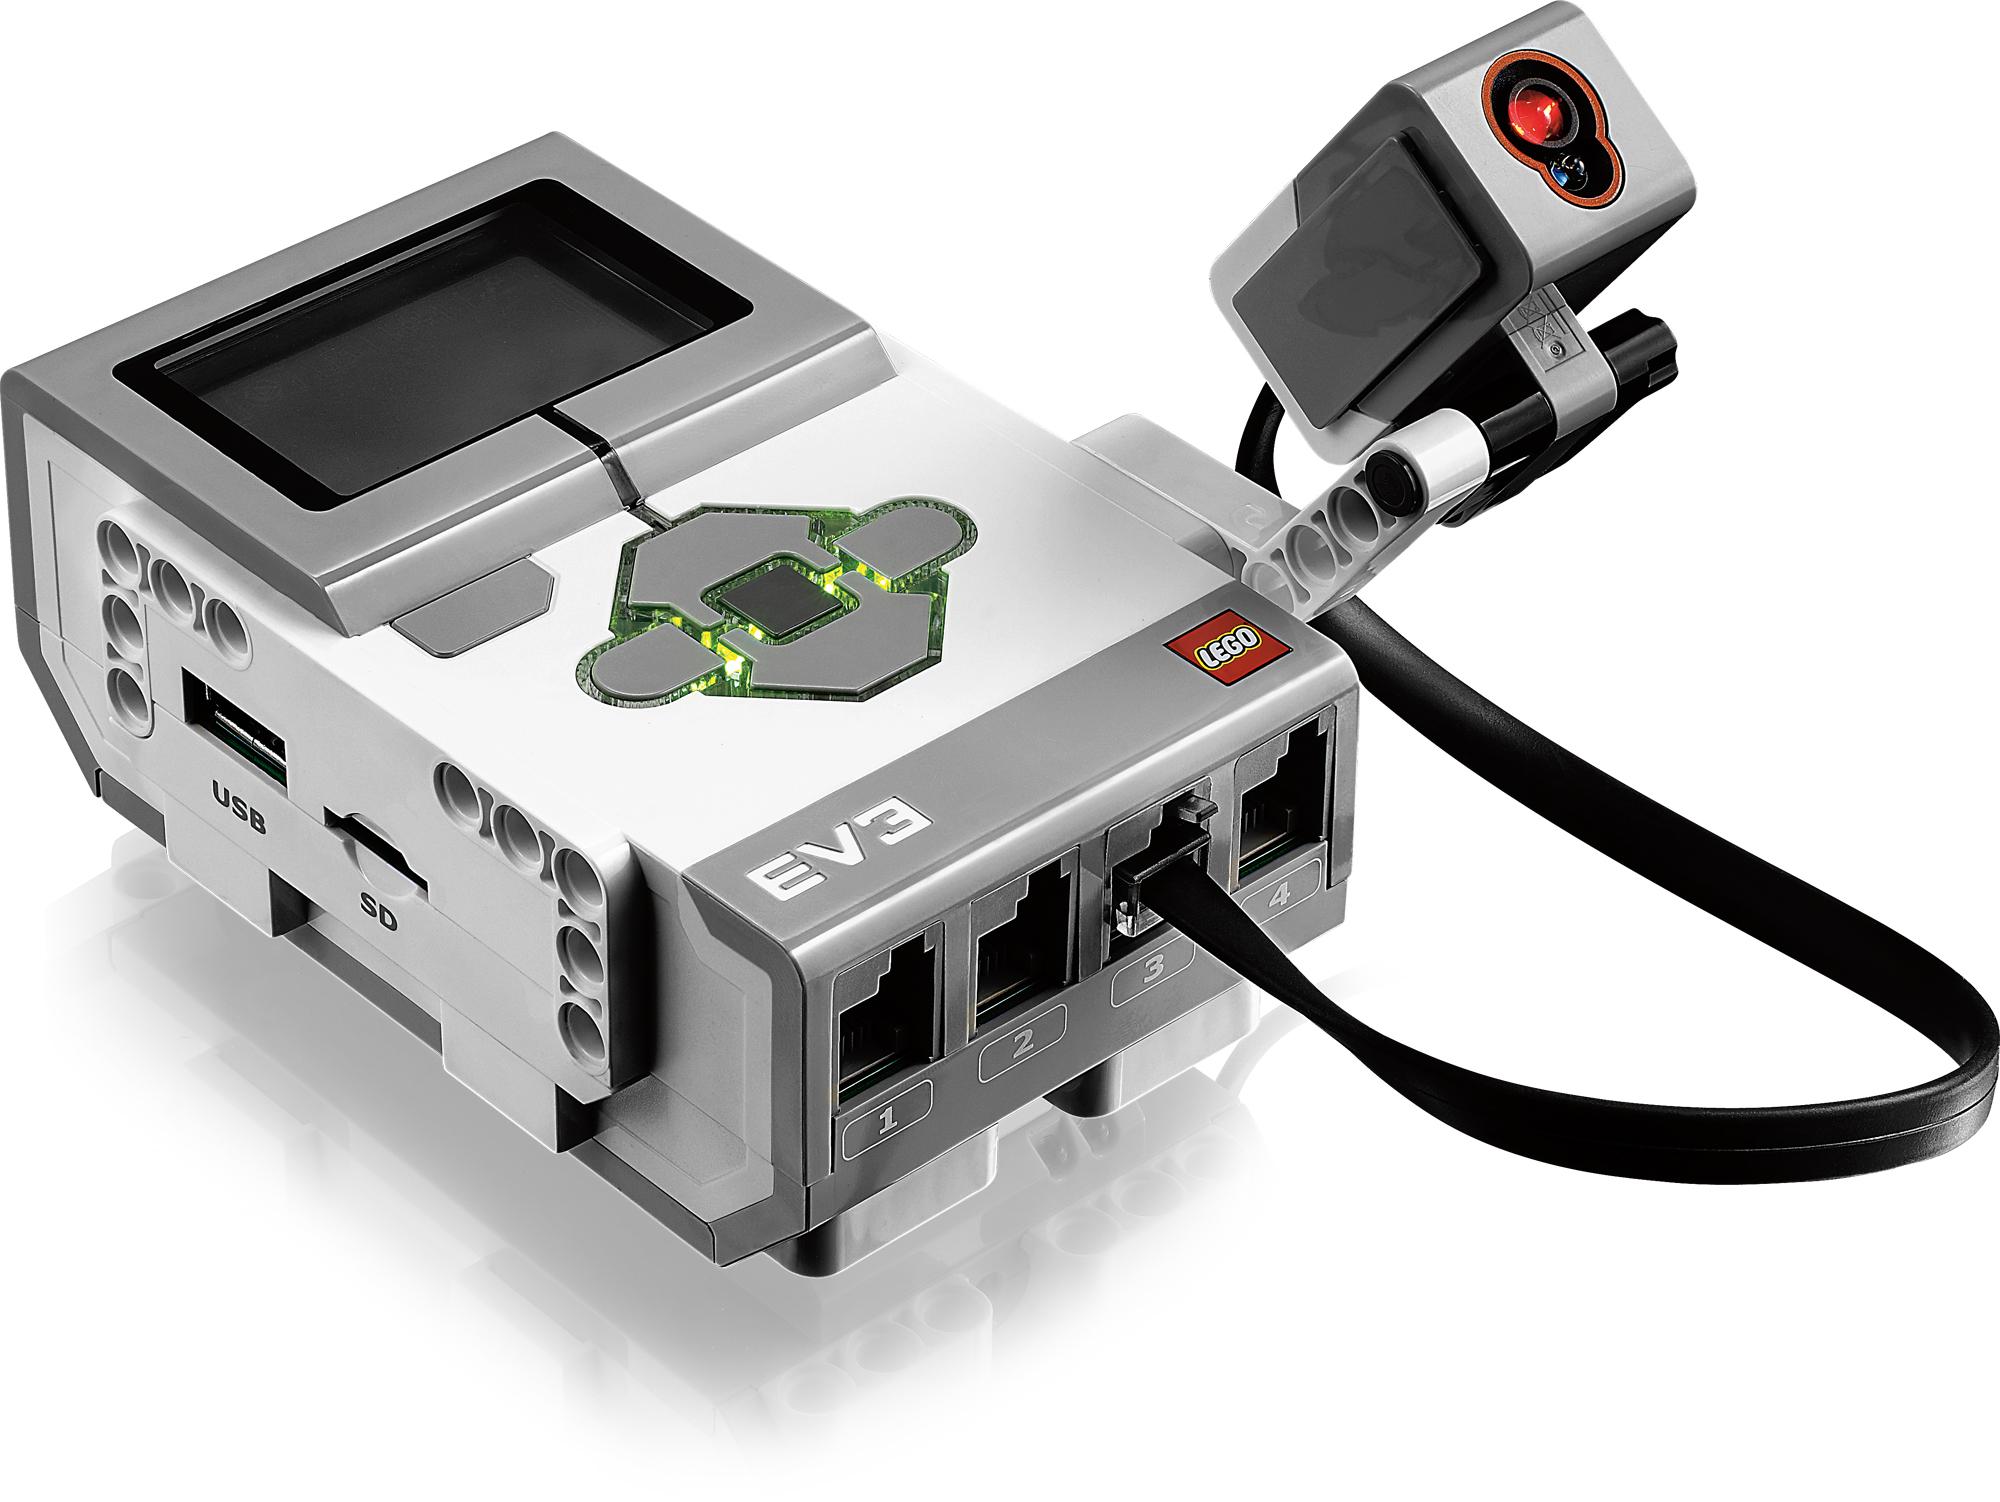 Lego Mindstorms EV3: Neue Roboterplattform von Lego - P-Brick mit Sensor